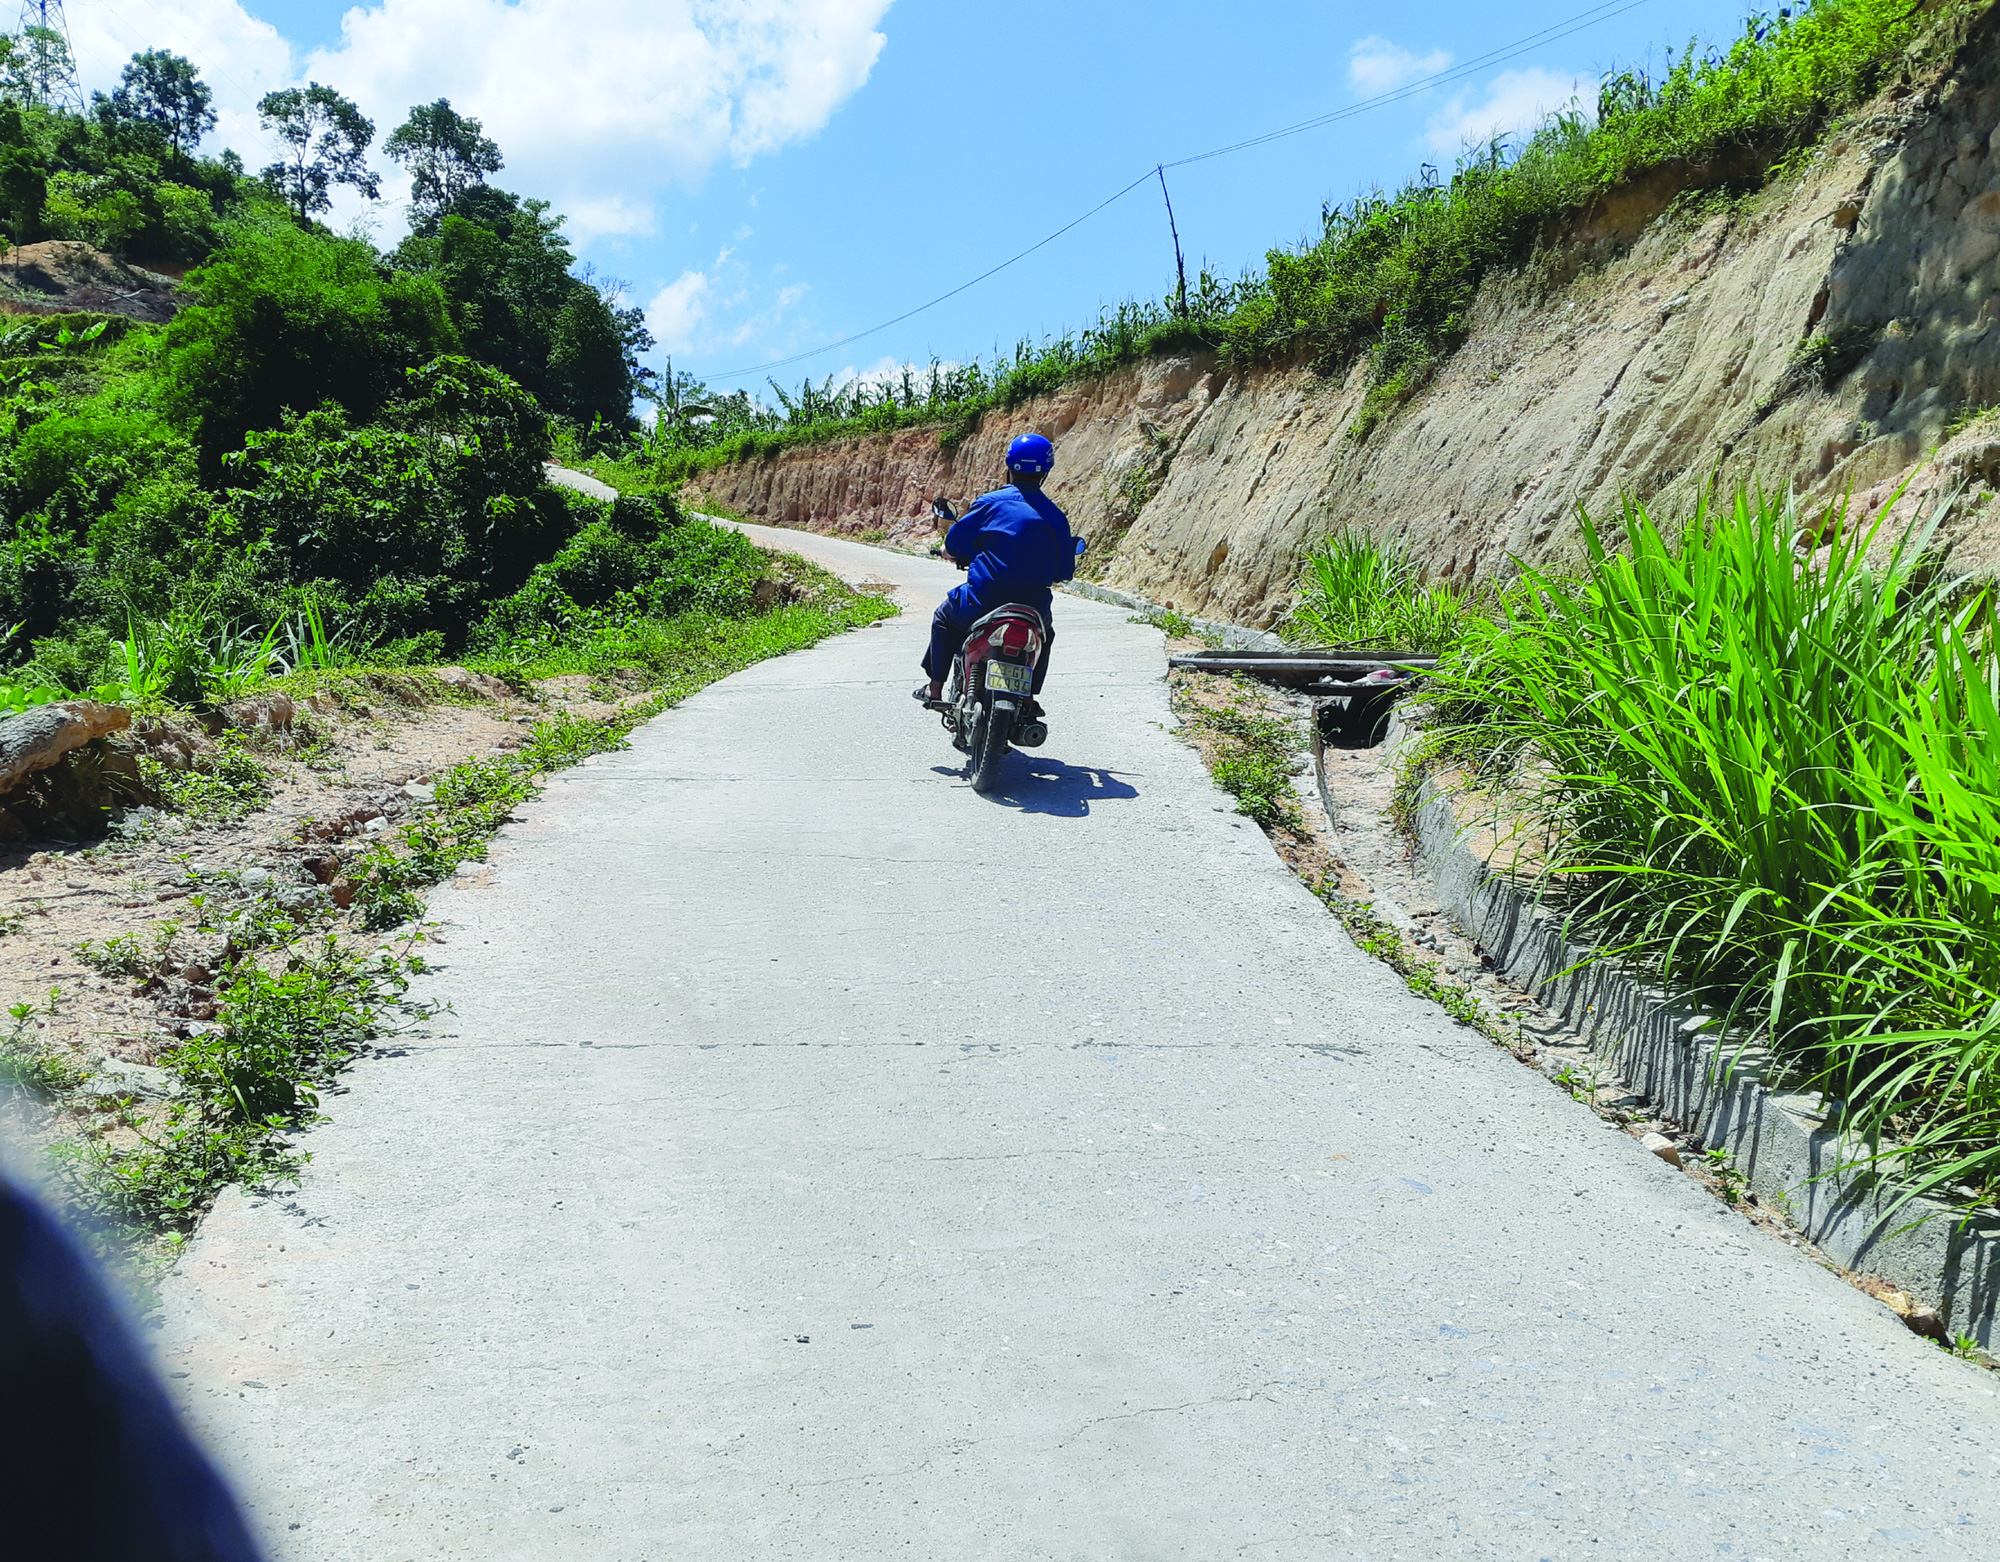 Xín Mần vượt khó hoàn thành tiêu chí giao thông trong xây dựng nông thôn mới - Ảnh 2.